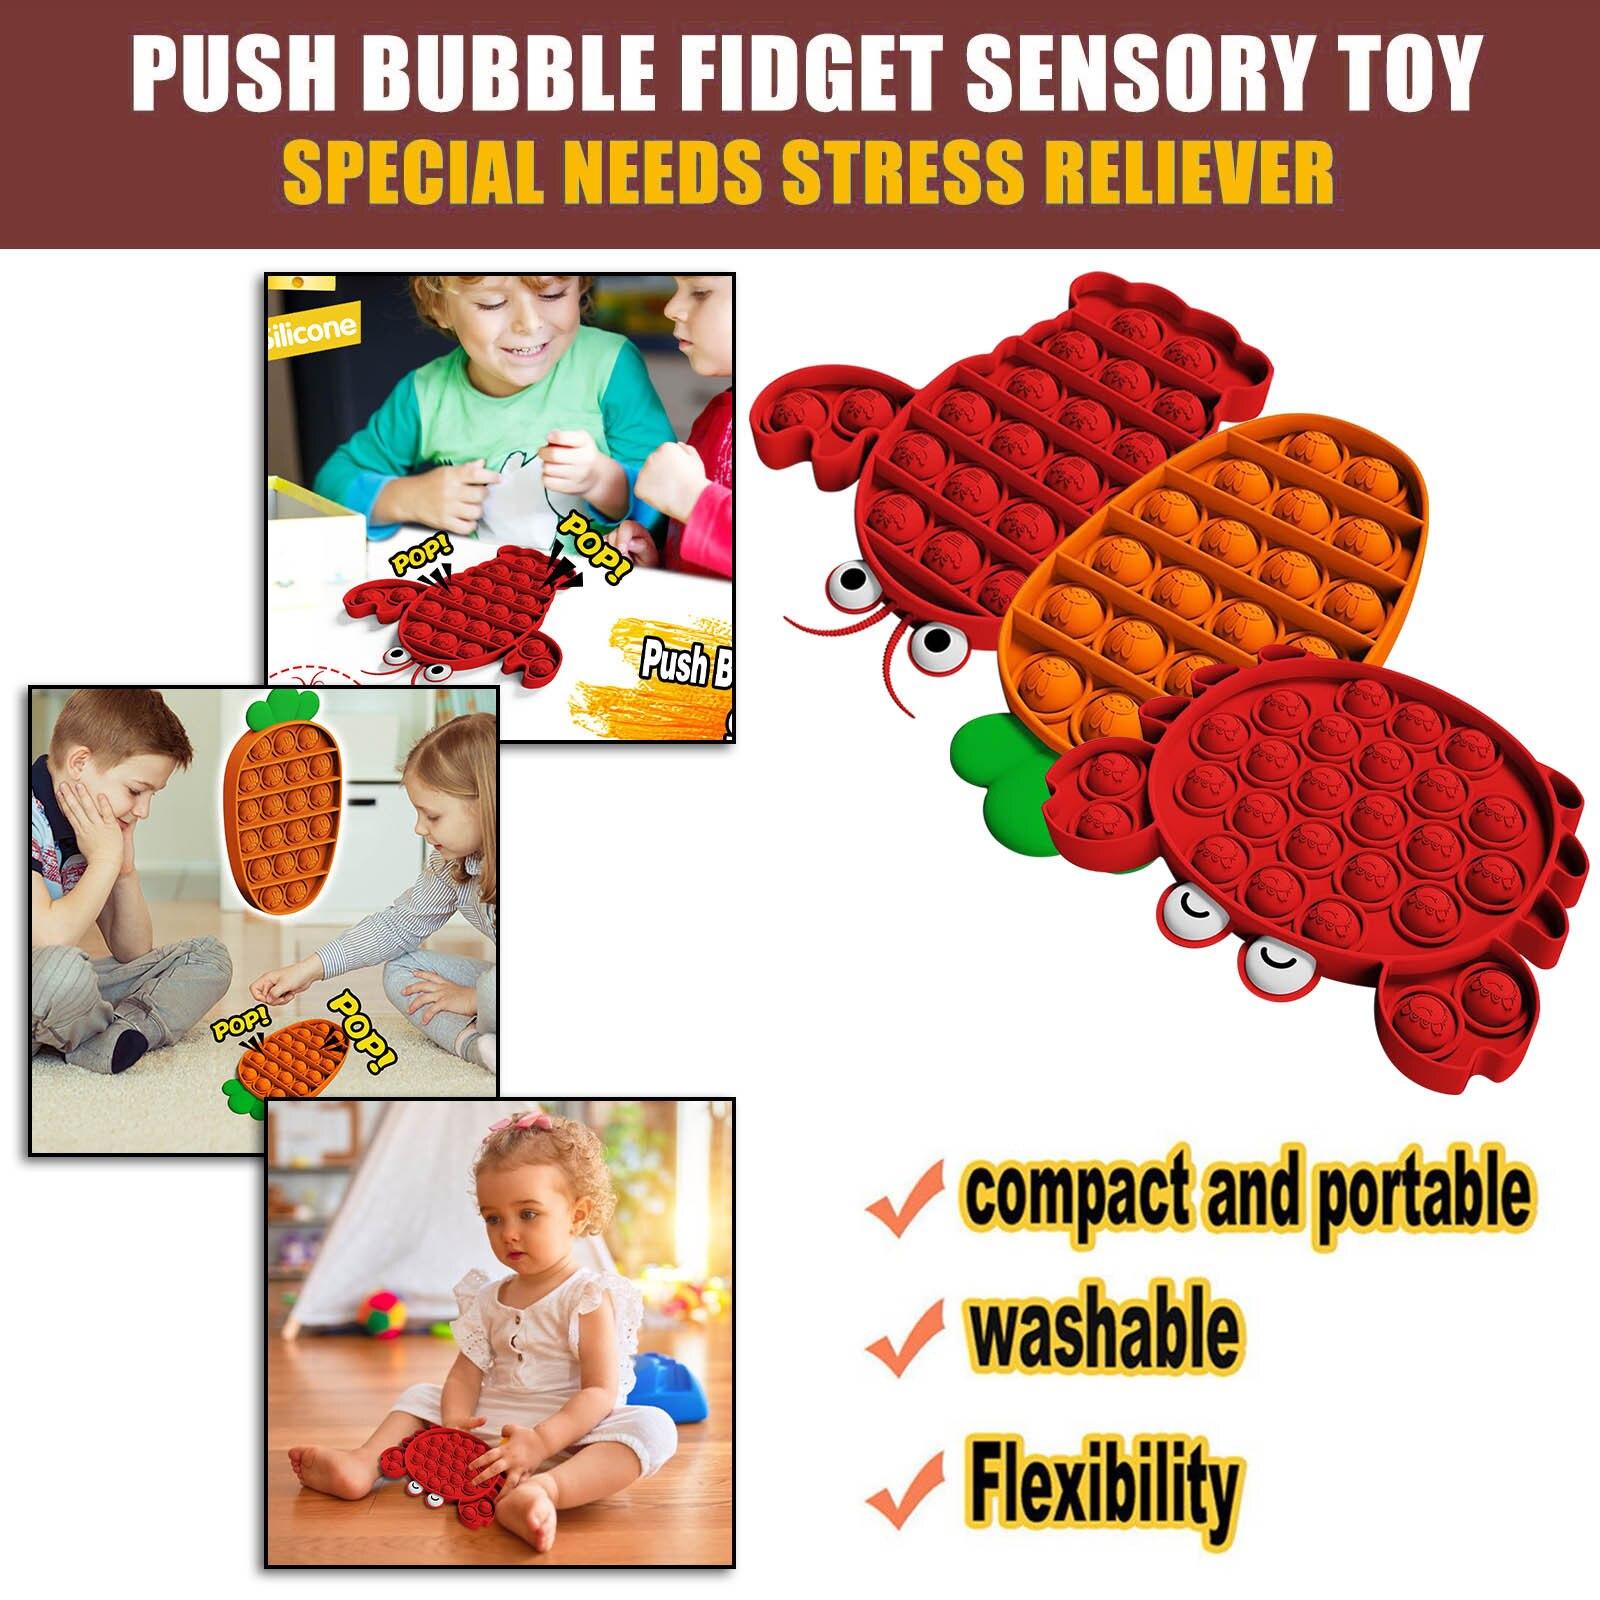 Push Pops Bubble Fidget Sensory Toy Autism Special Needs Stress Reliever Set 3Pcs Adult Kids Antistress Toys детские игрушки 5* enlarge